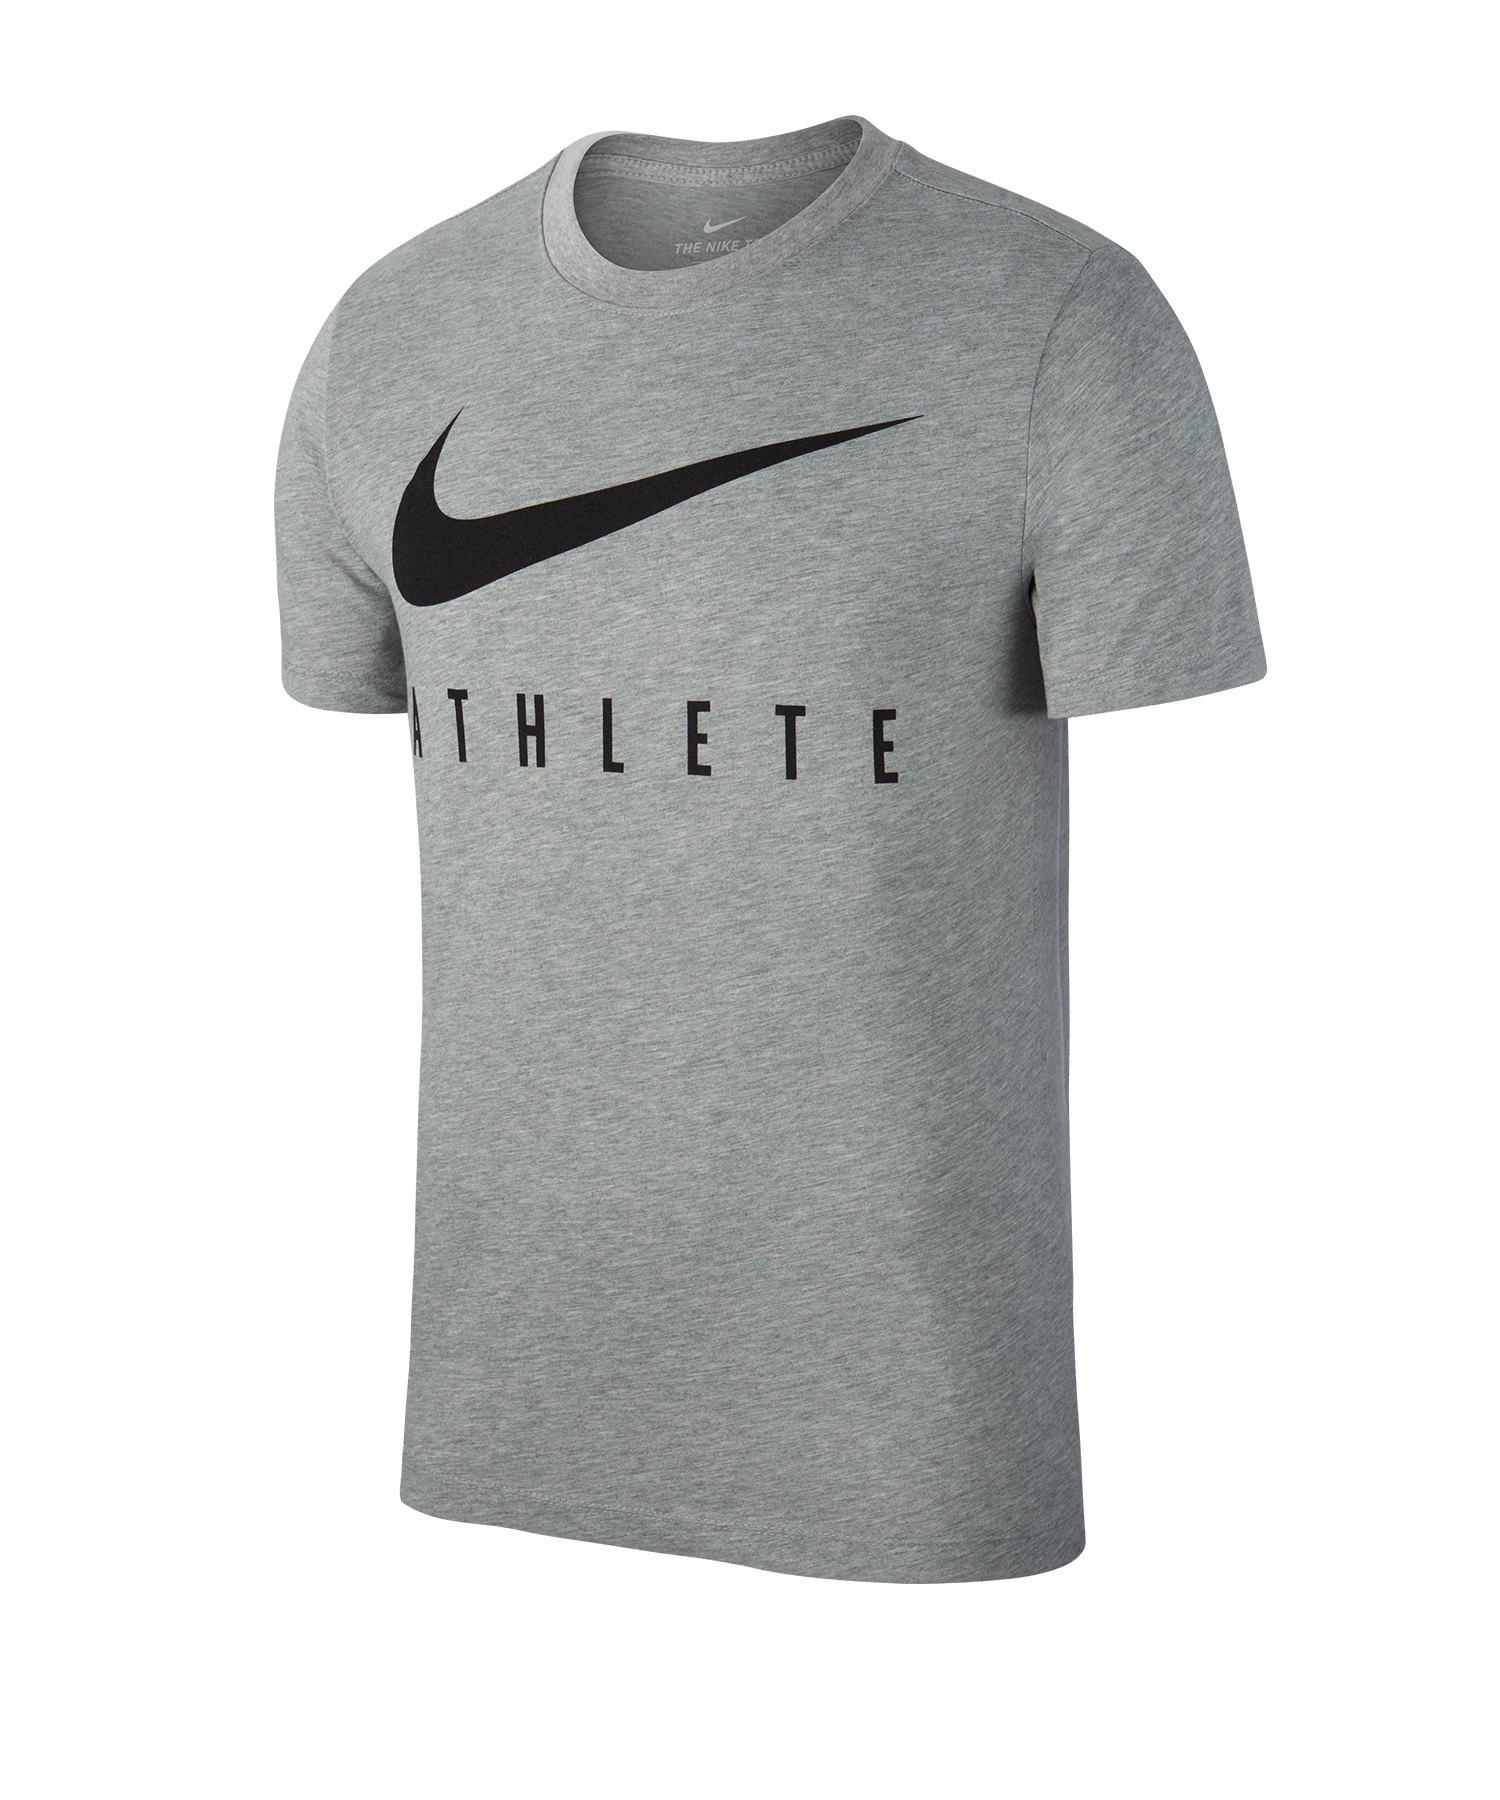 32a90177349d48 Nike Dry Tee Athlete T-Shirt Grau F063 - Grau